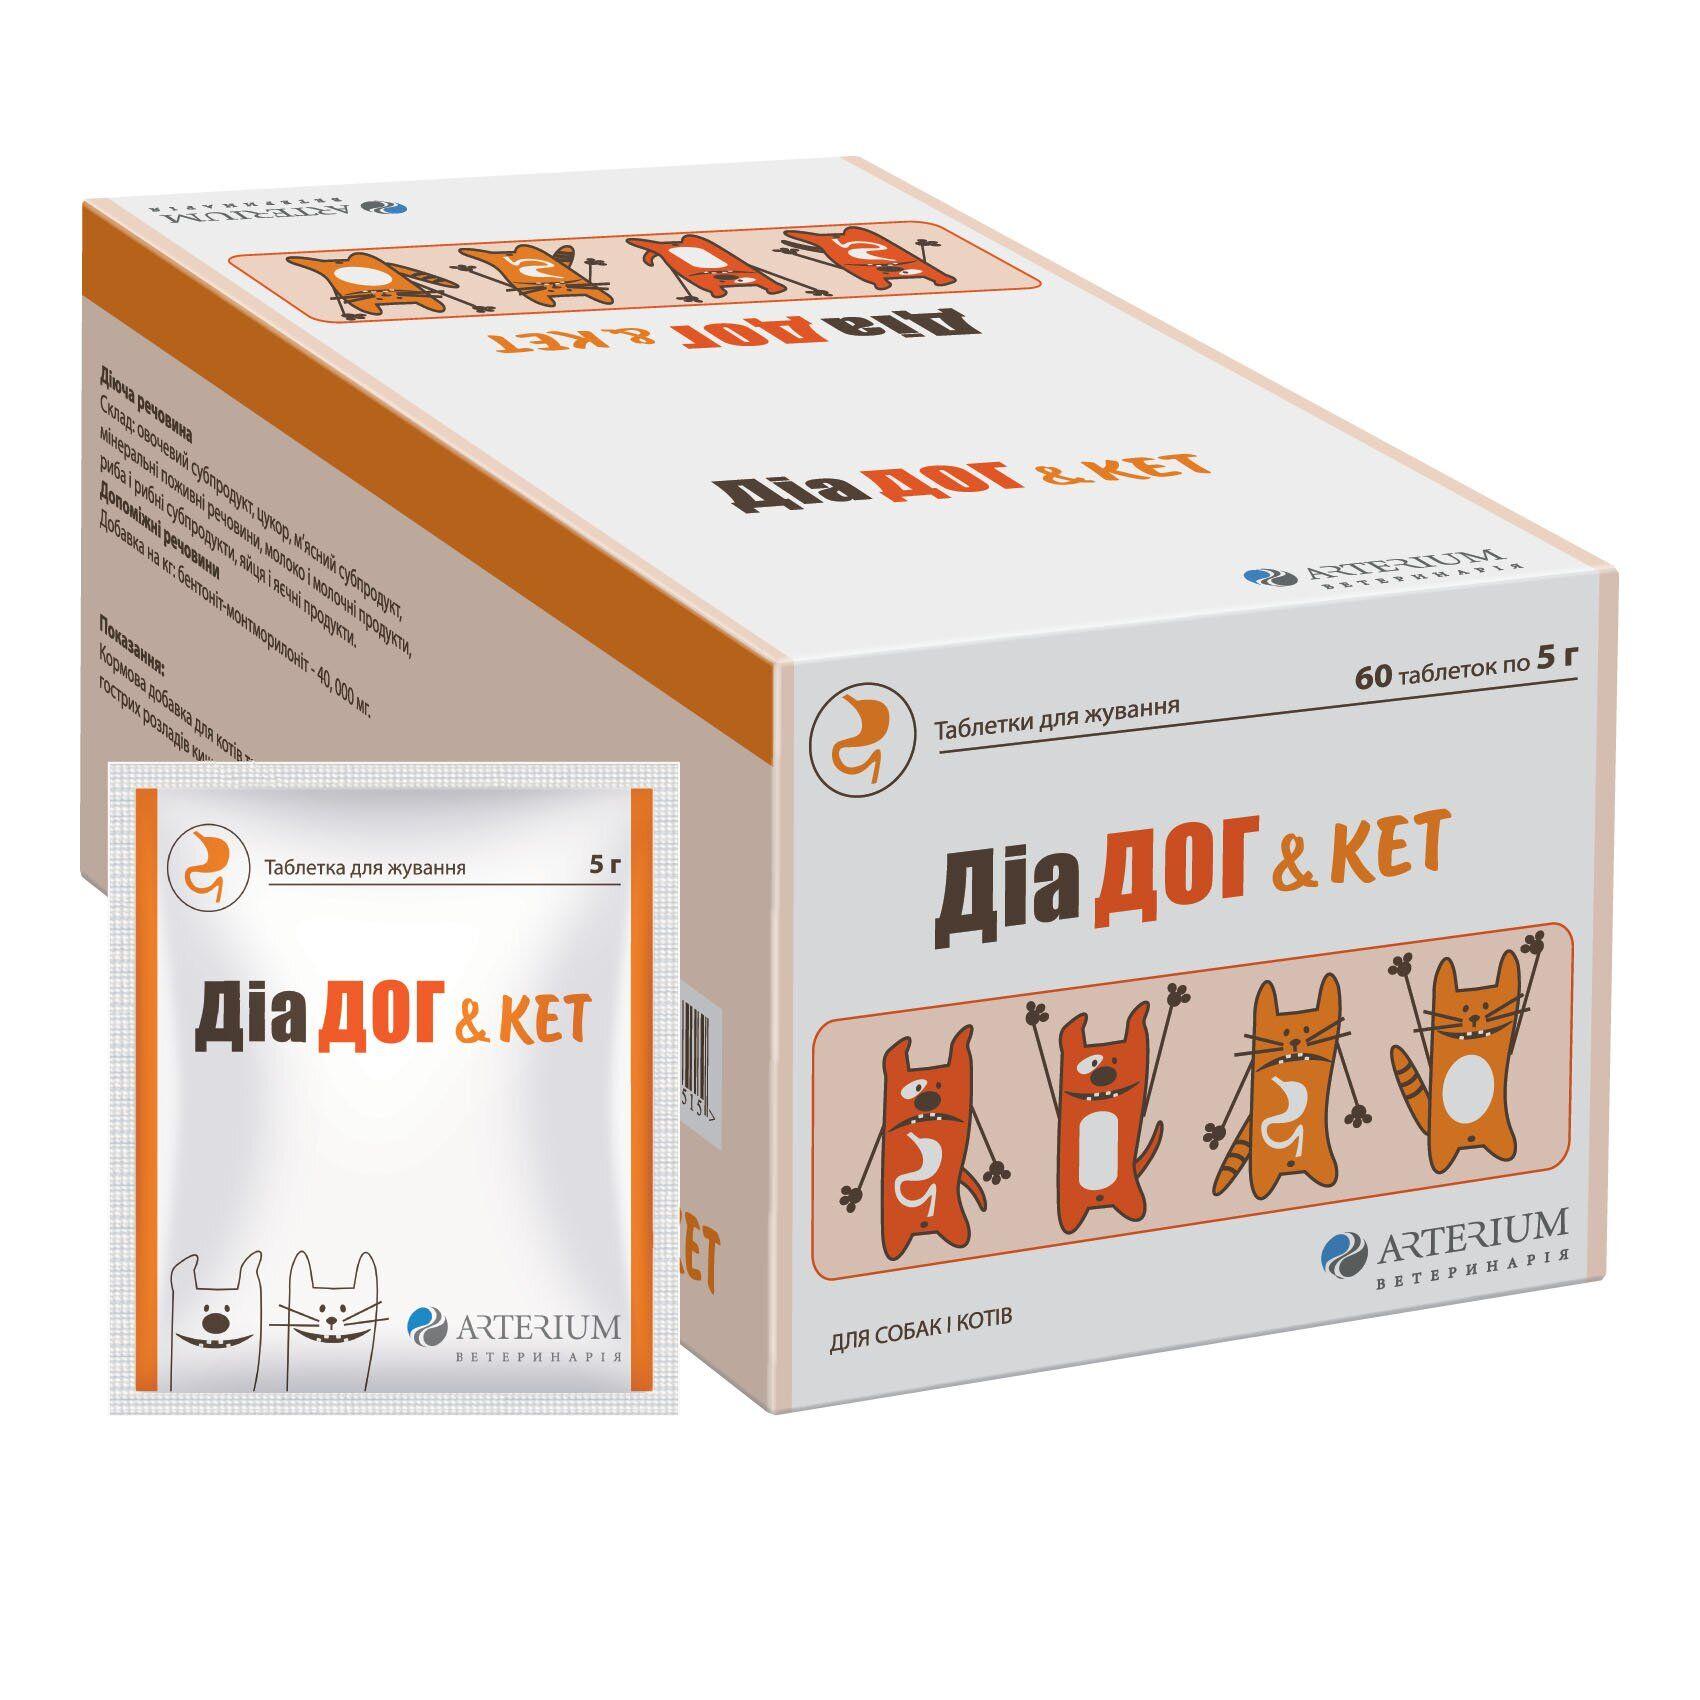 Arterium Dia Dog and Cat (Диа Дог и Кэт) – таблетки при кишечных расстройствах